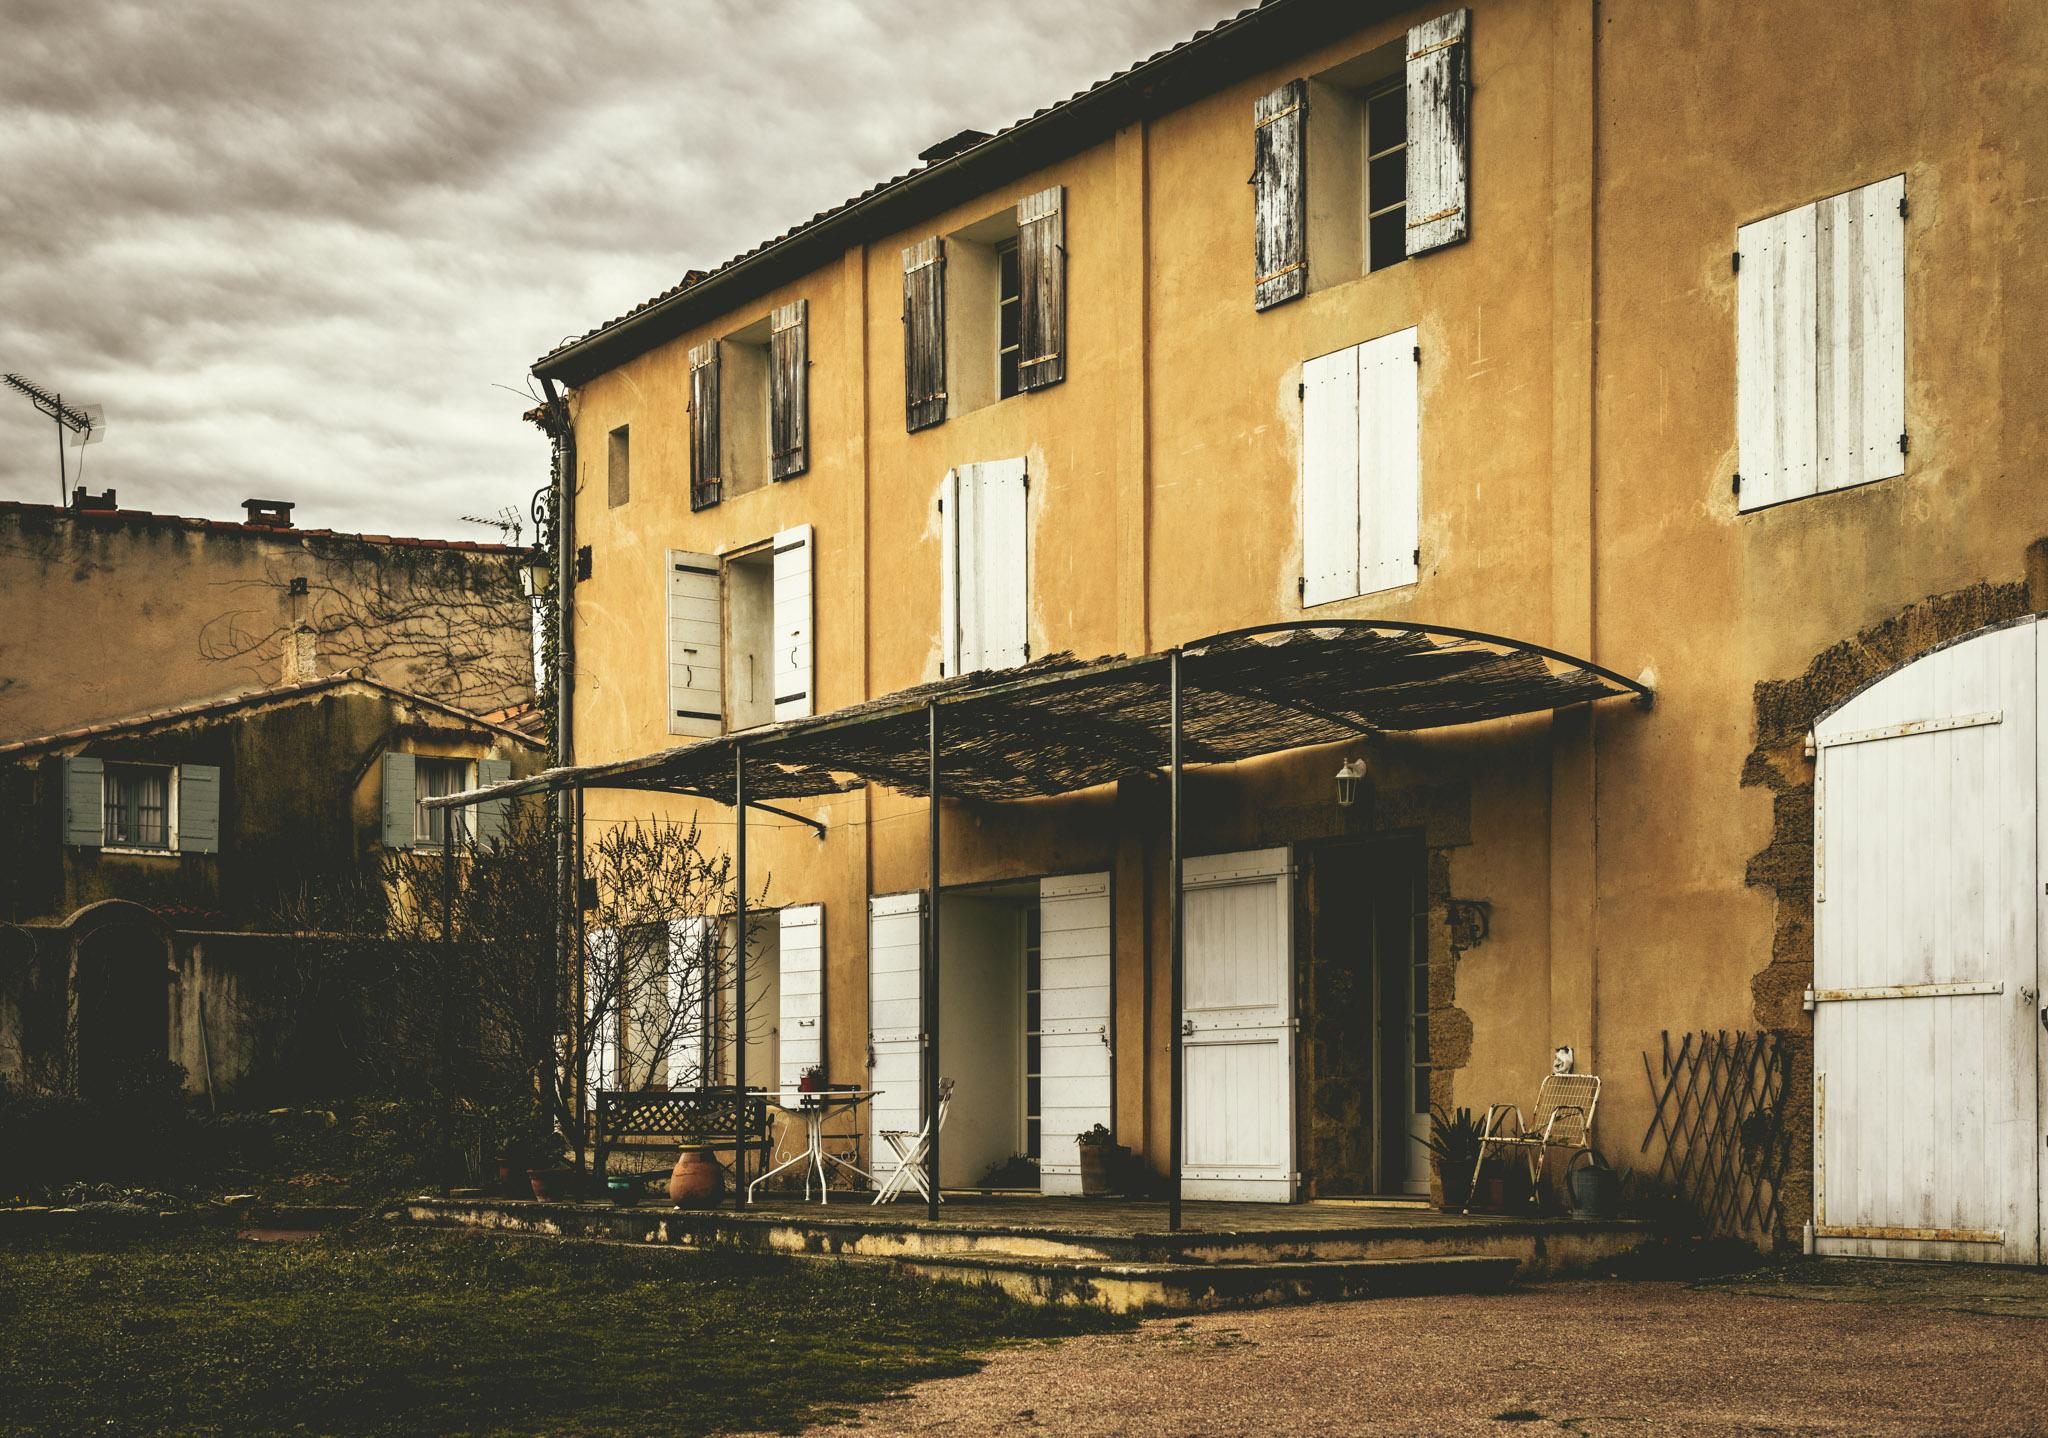 France : Provence : Domaine Les Bastides in Coteaux-d'Aix-en-Provence